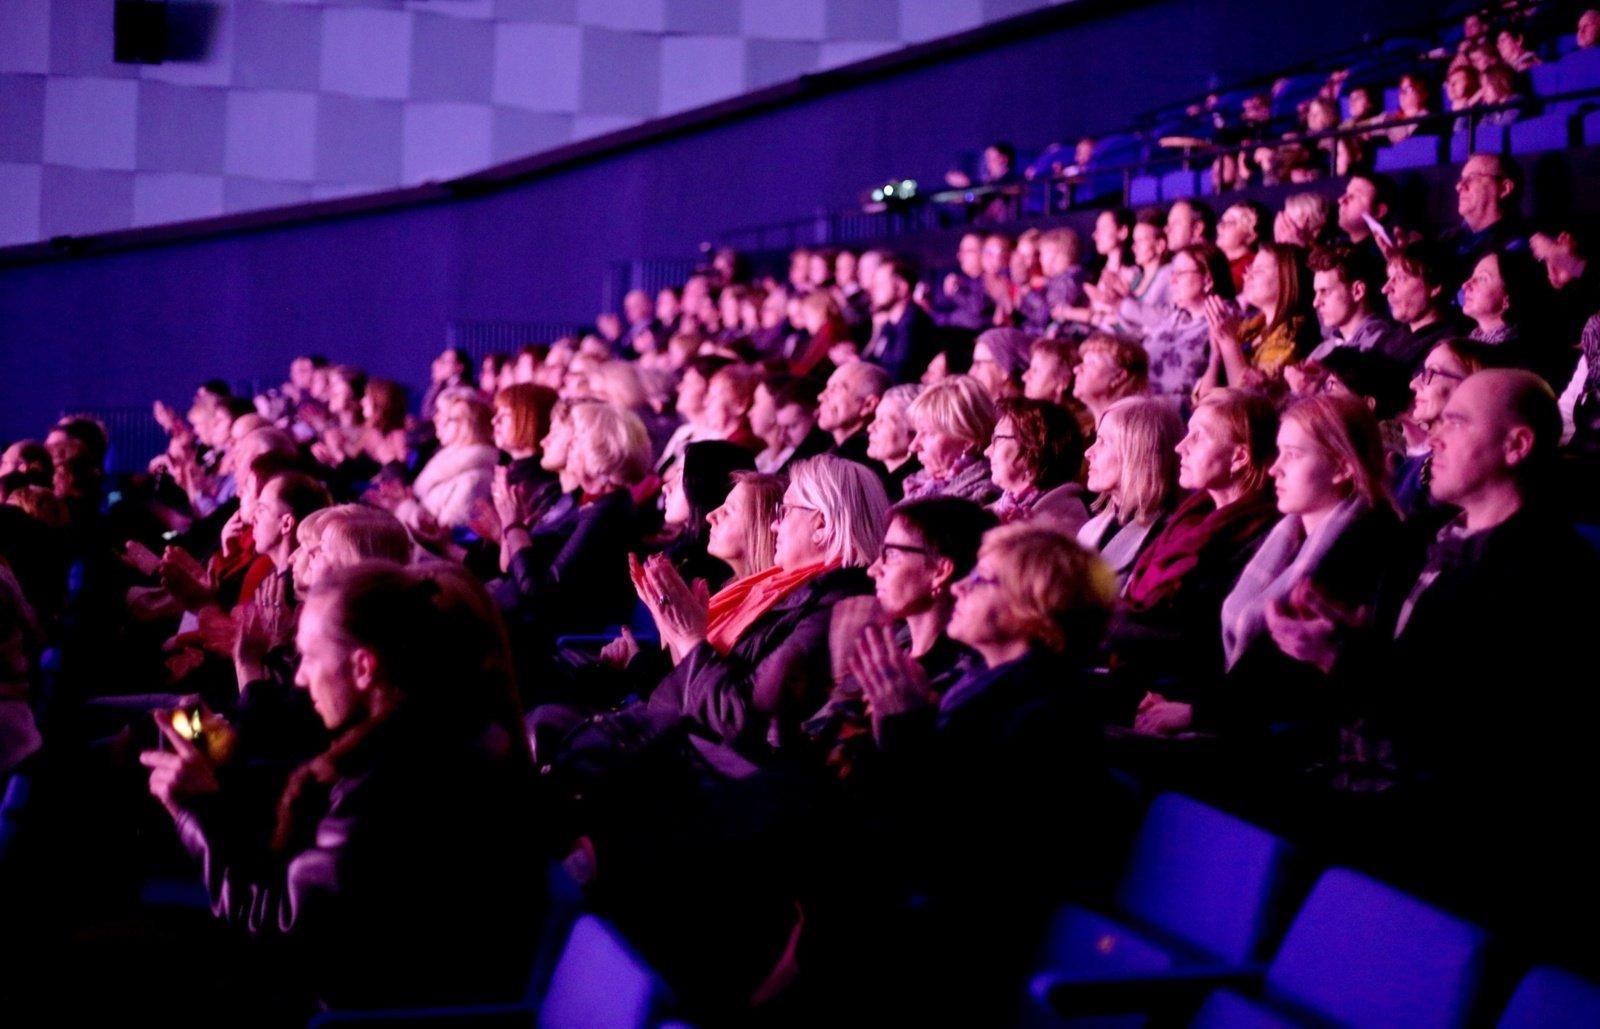 Utenos kultūros centras rodo kino filmus rajono miesteliuose